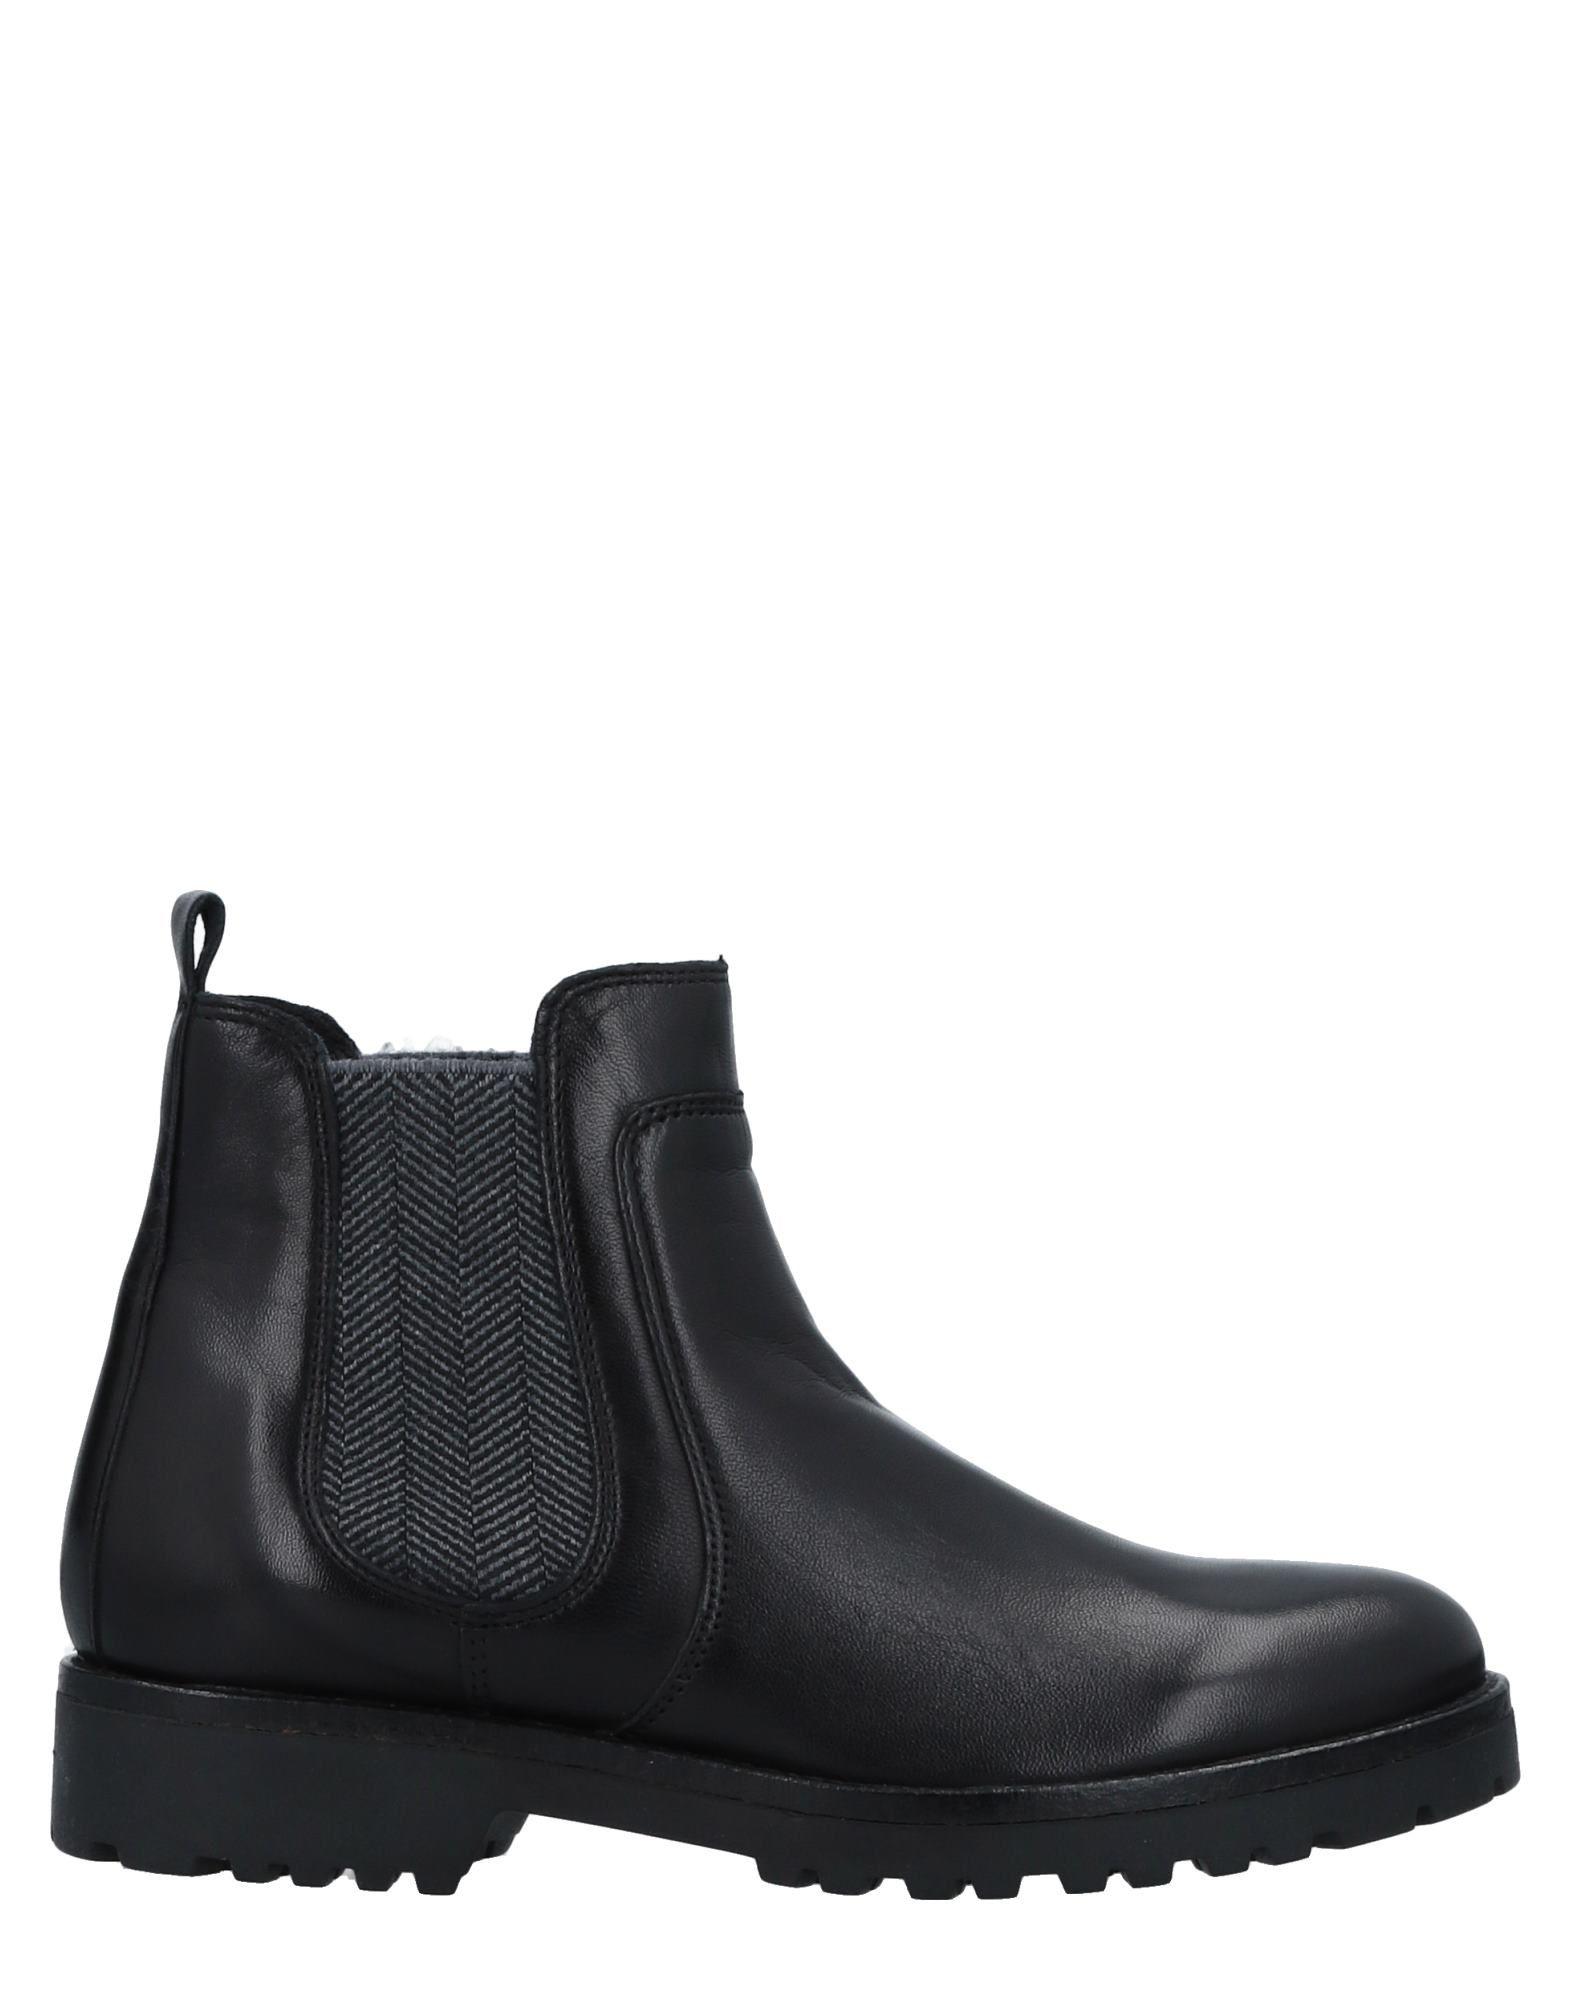 Bagatt Chelsea Boots Damen  11513252PB Gute Qualität beliebte Schuhe